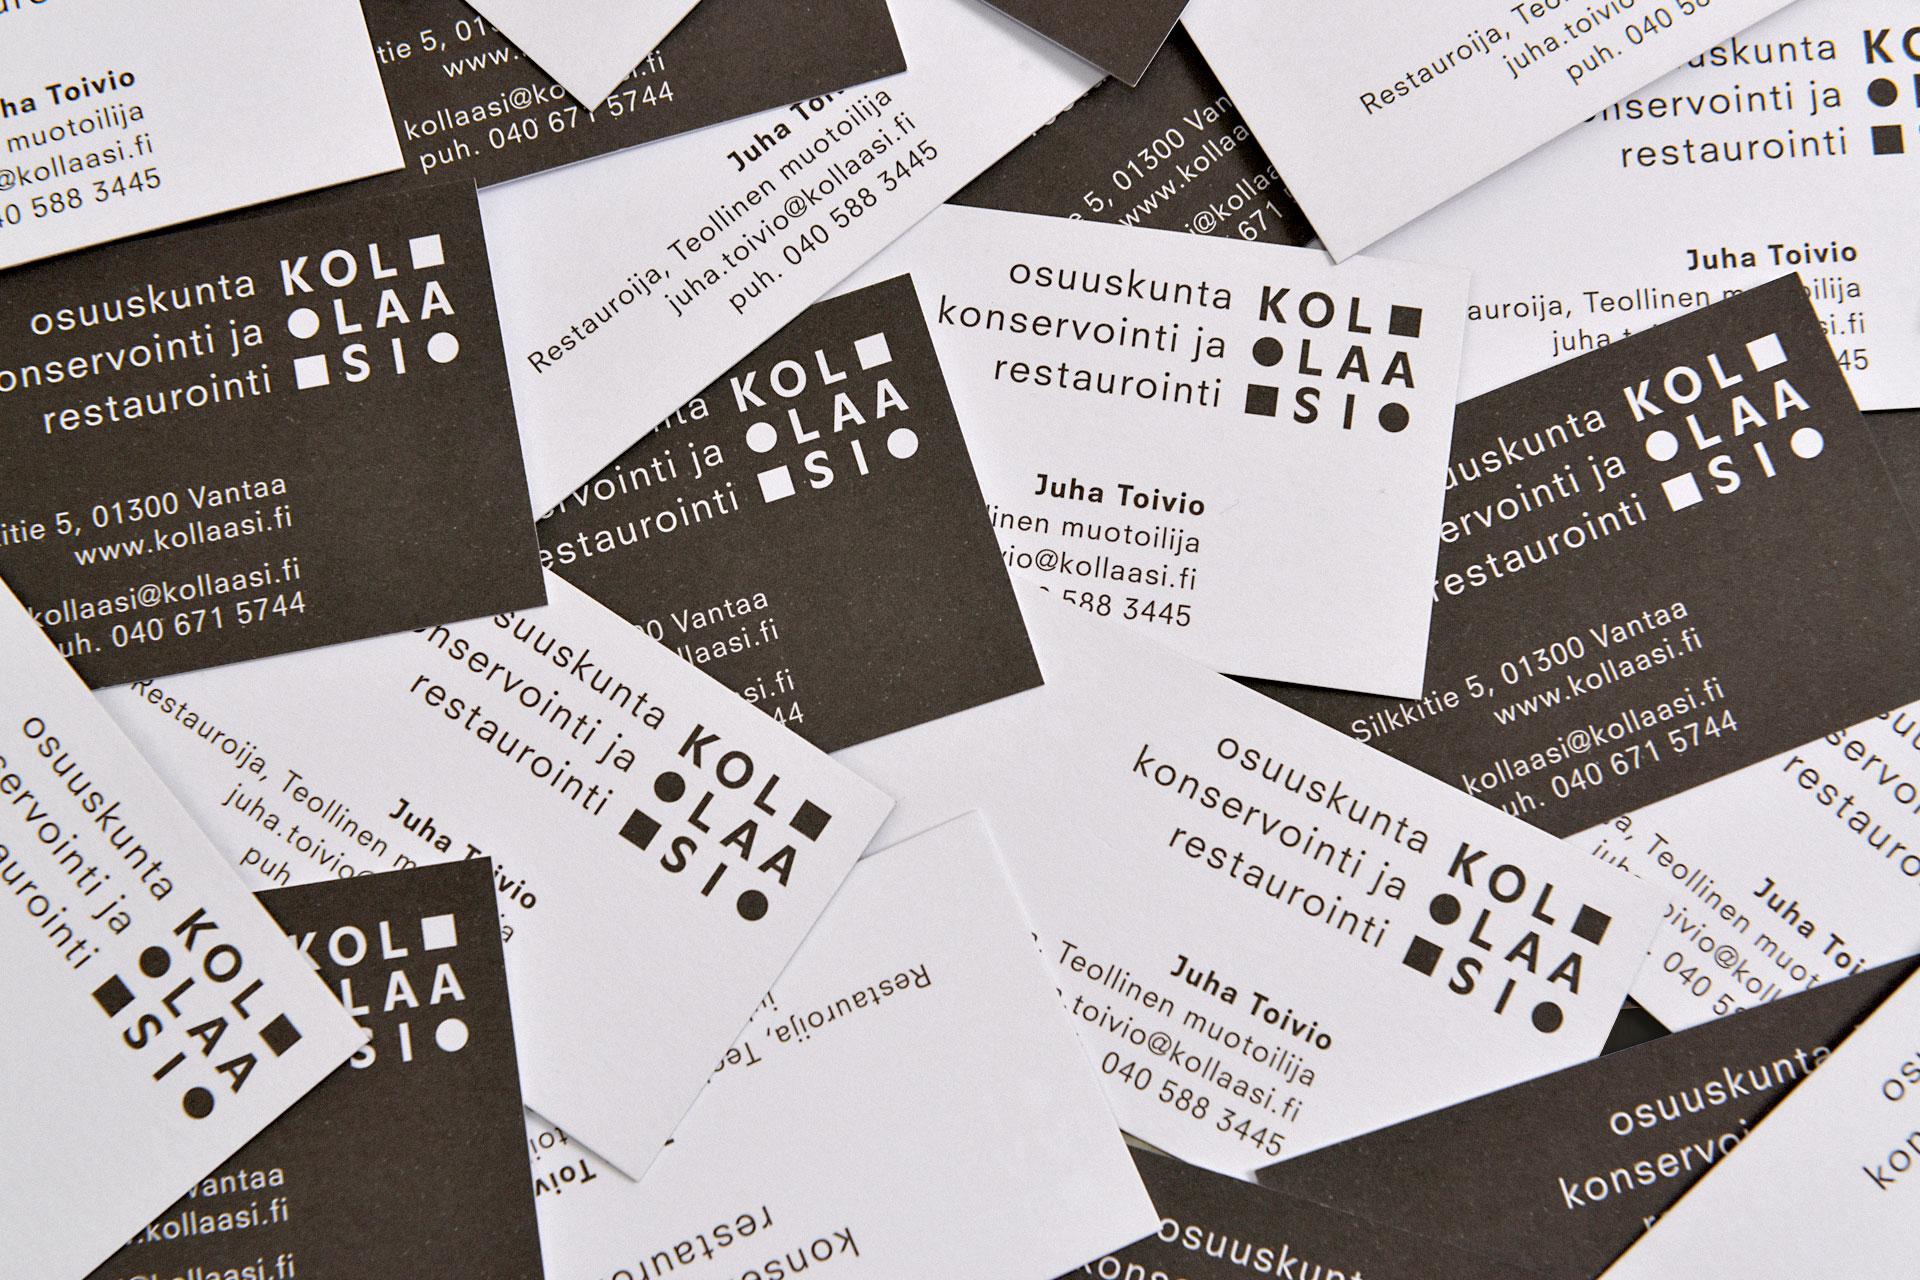 kollaasi_kk_kasa